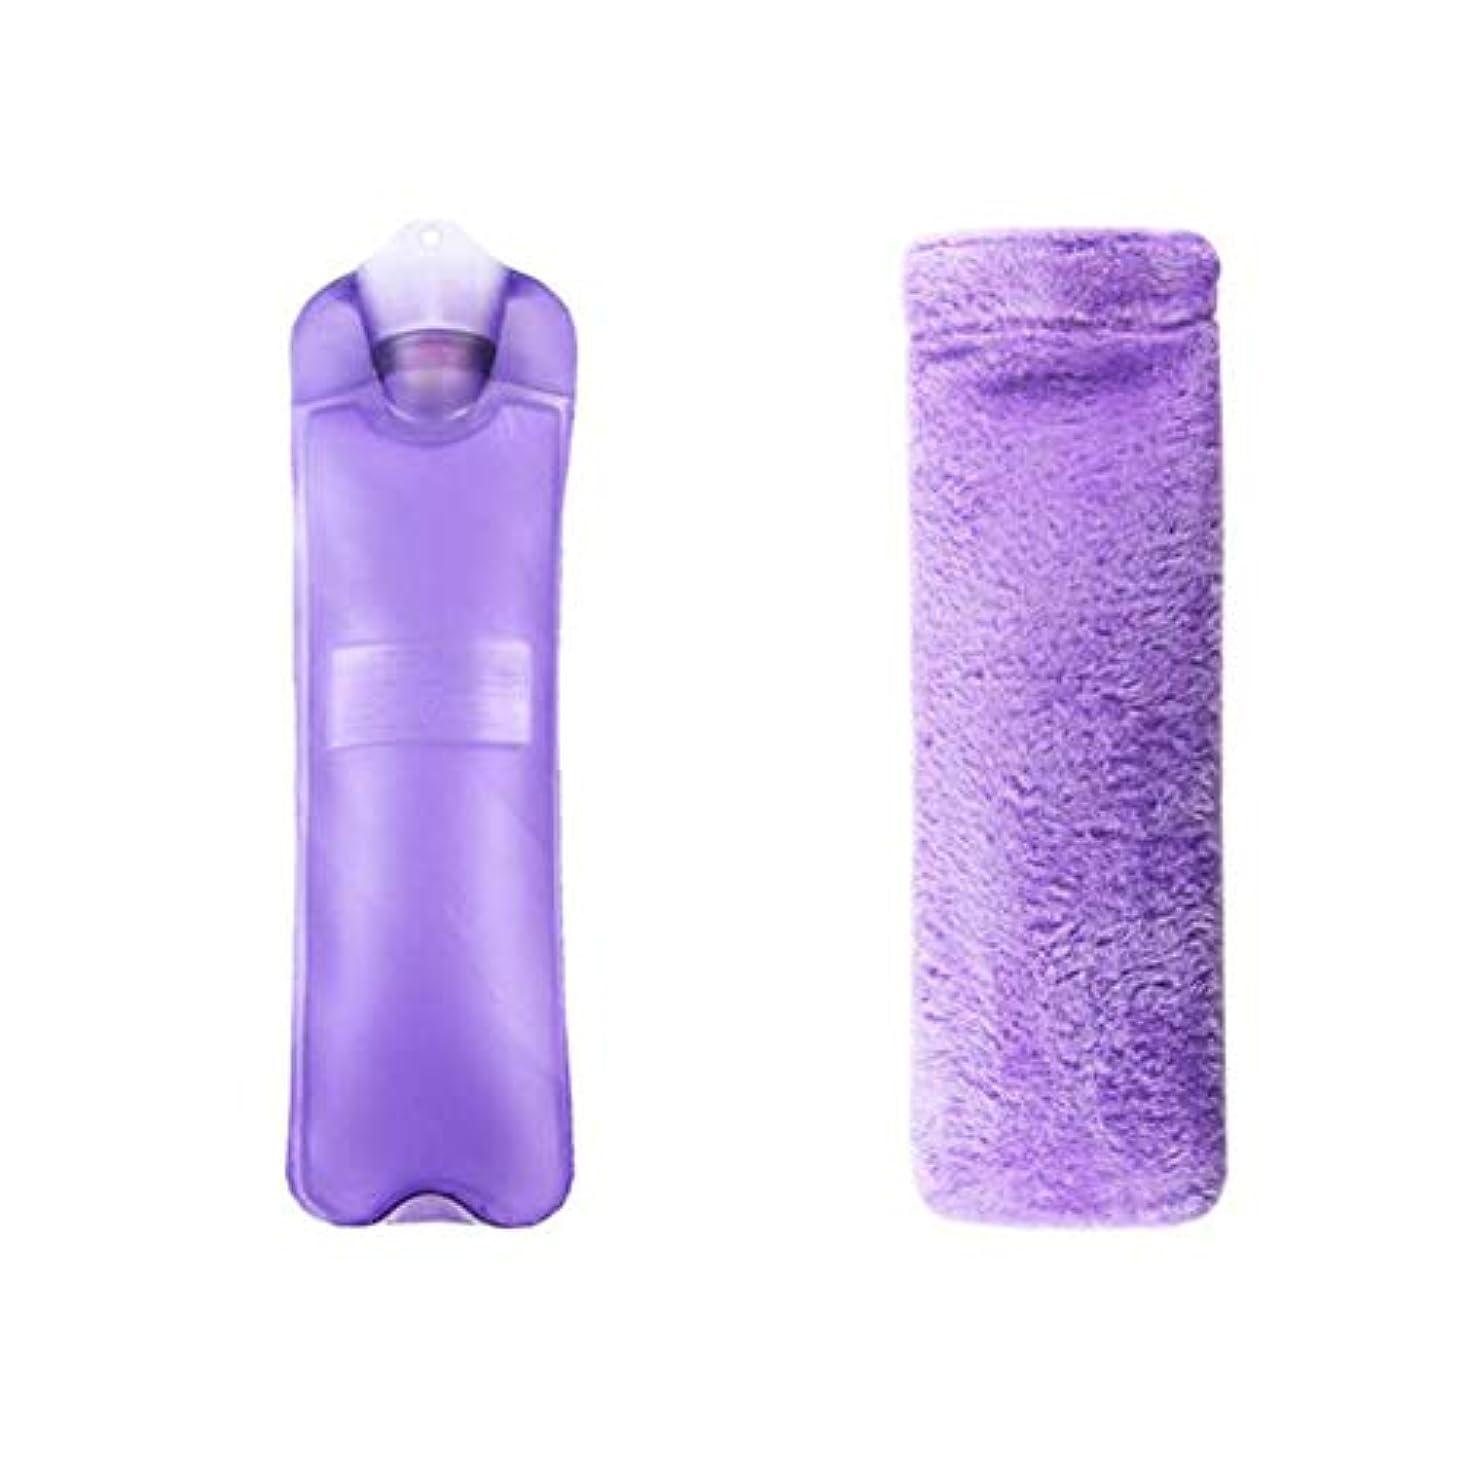 軽判読できない油温水ボトル大温水ボトル2Lは冬に暖かく保ちます